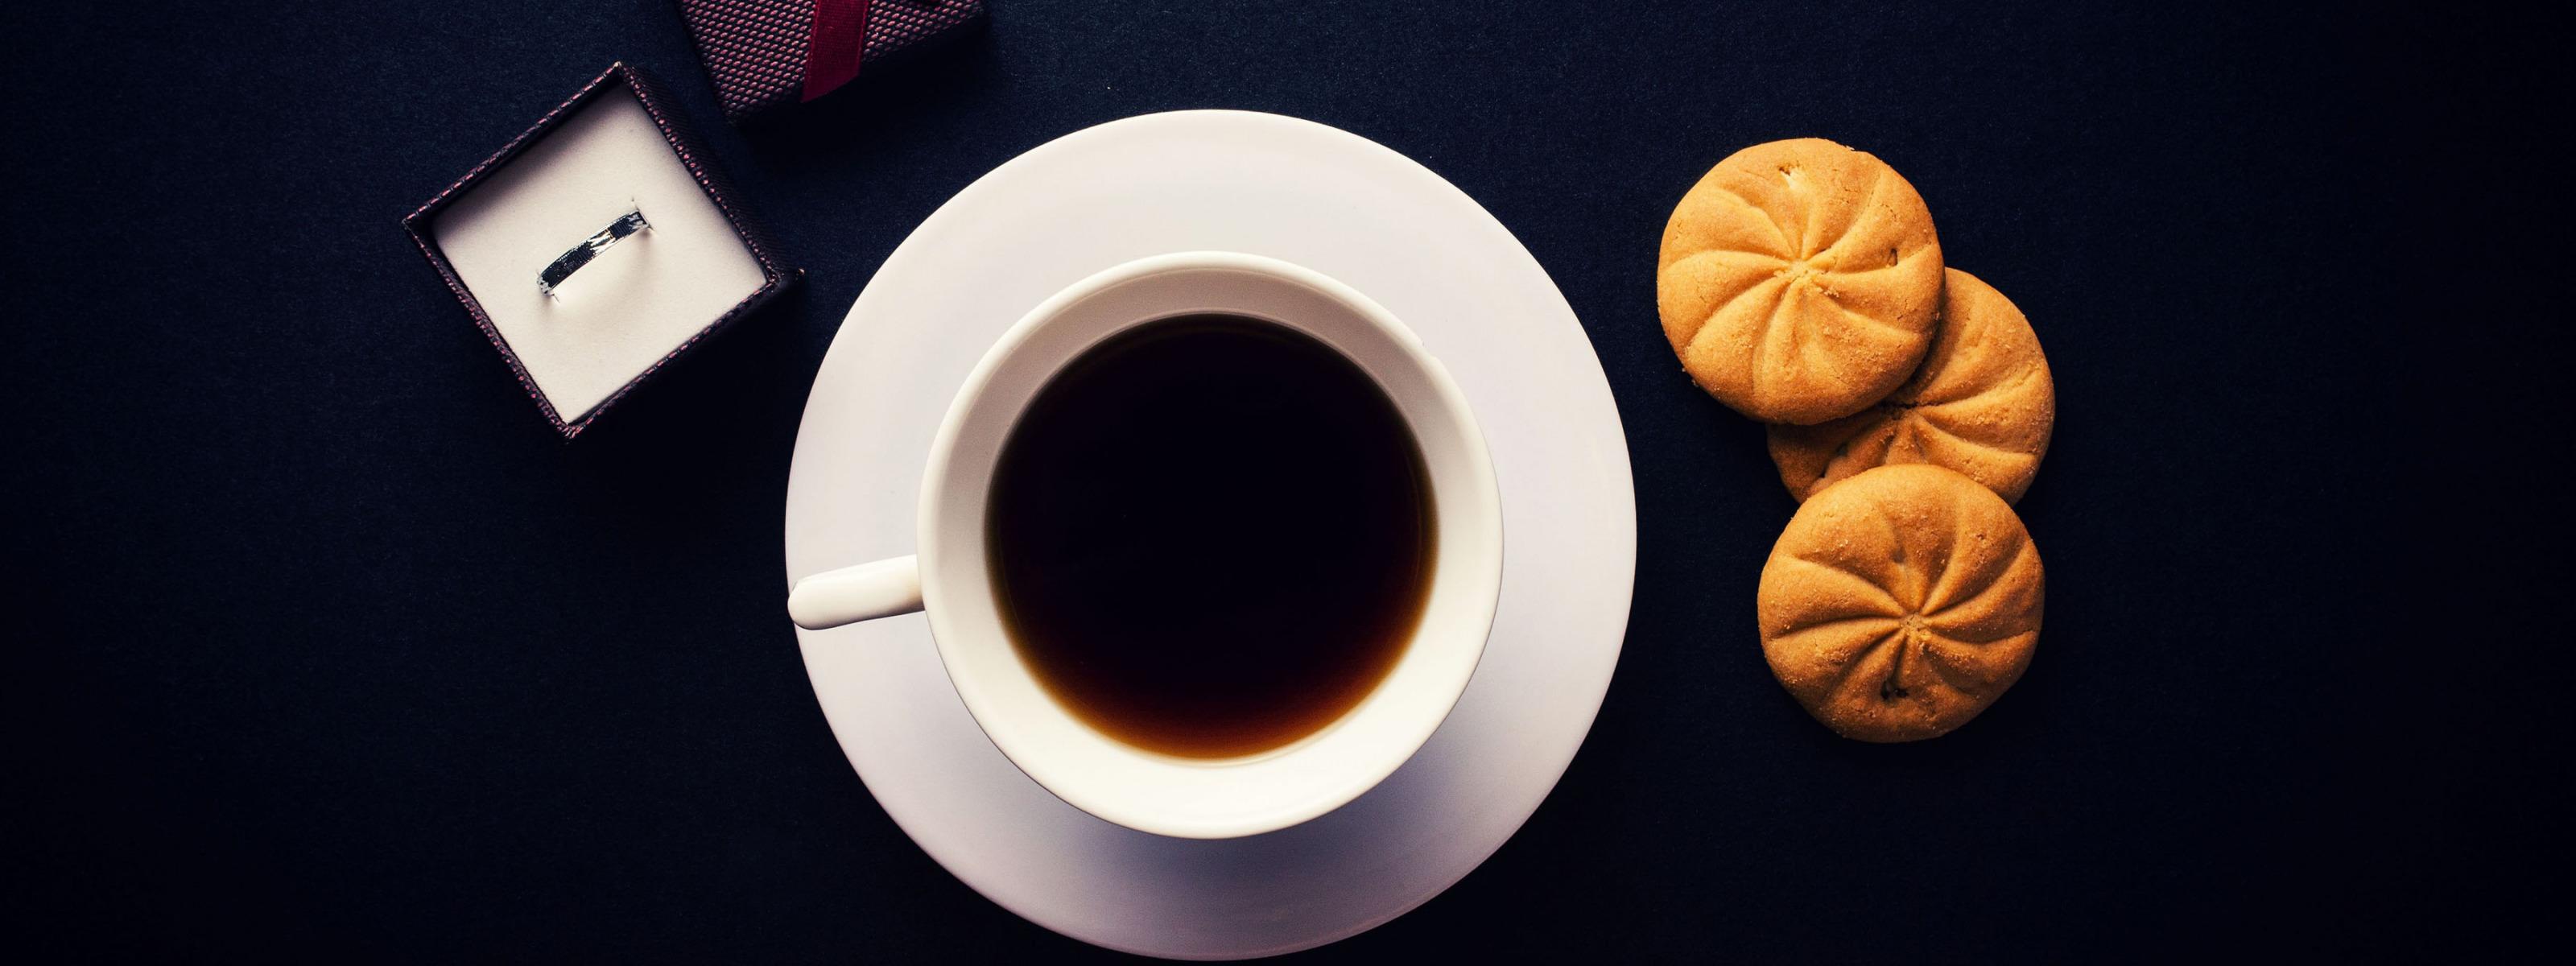 Рейтинг лучшего растворимого кофе на 2020 год